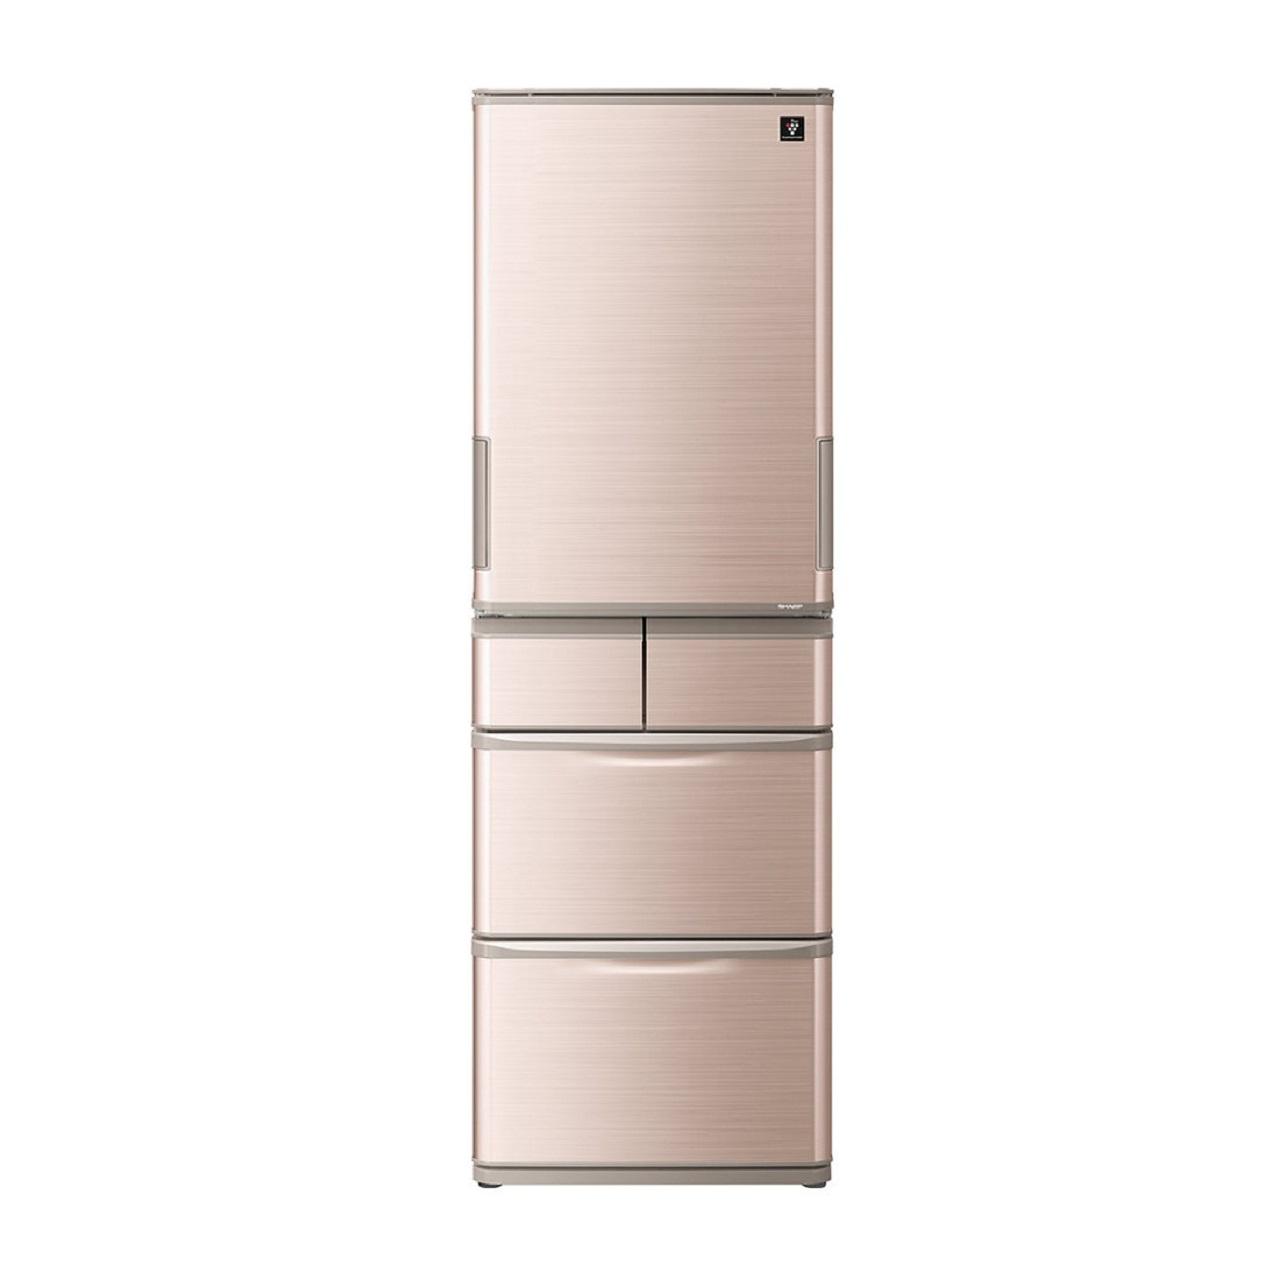 シャープSJ-W413G冷蔵庫